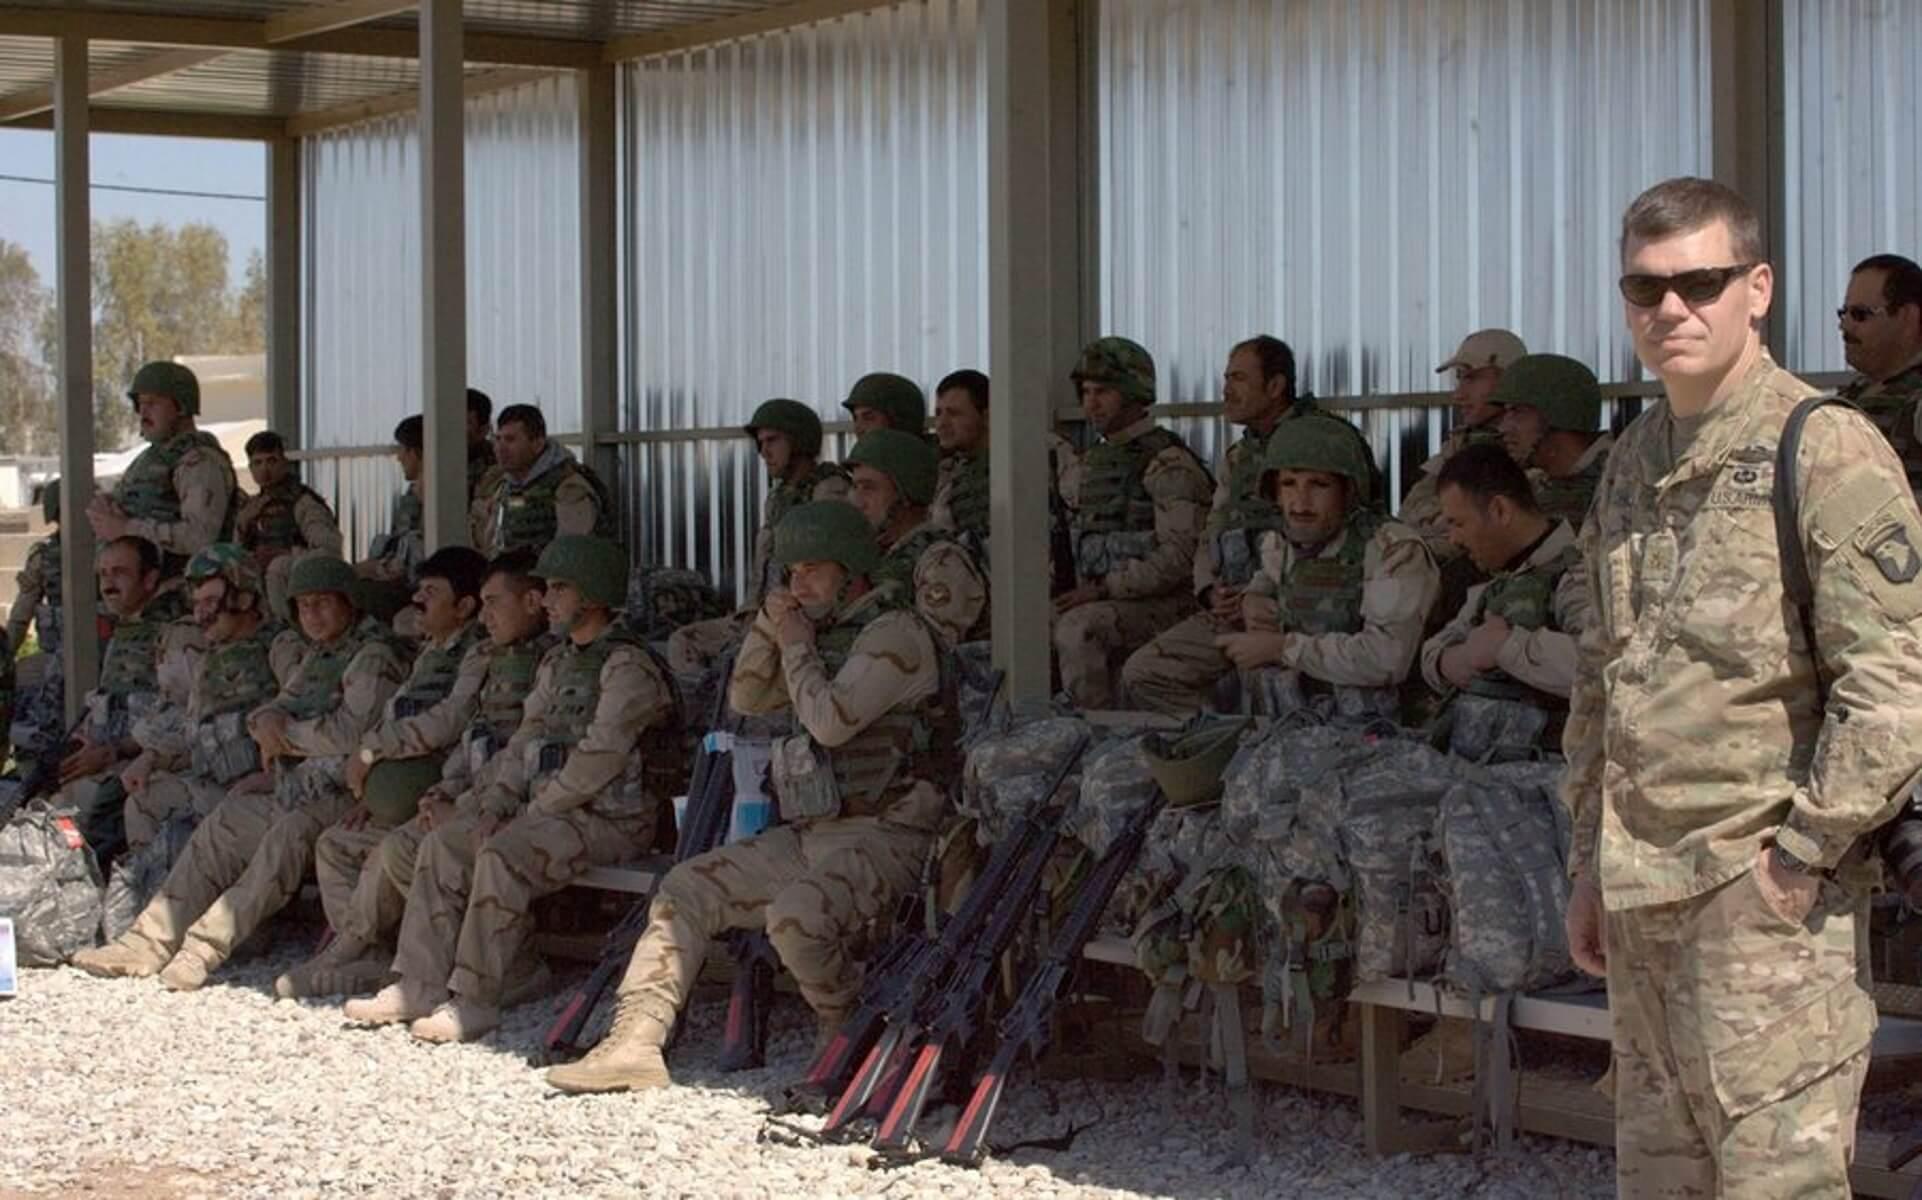 Σοκ στις ΗΠΑ! Αύξηση 38% σημειώθηκε στις σεξουαλικές επιθέσεις στον στρατό